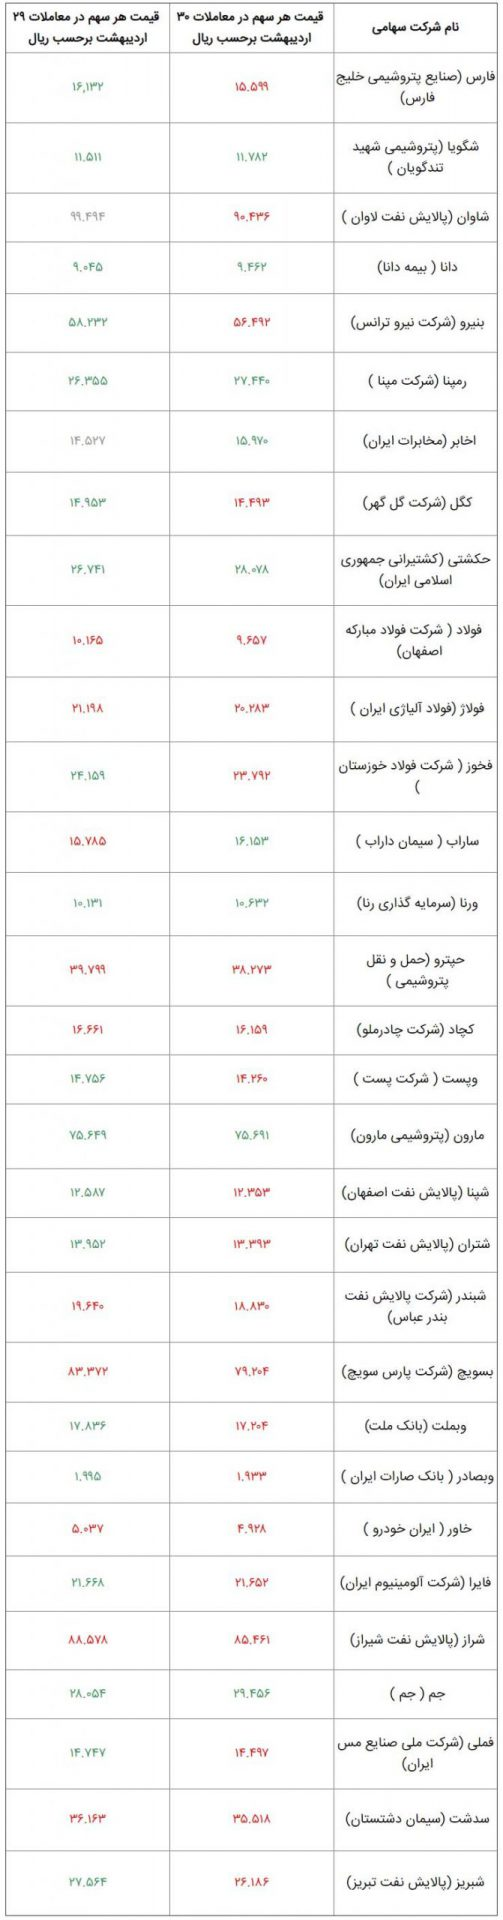 وضعیت امروز شرکت های بورسی سهام عدالت 30 اردیبهشت 99